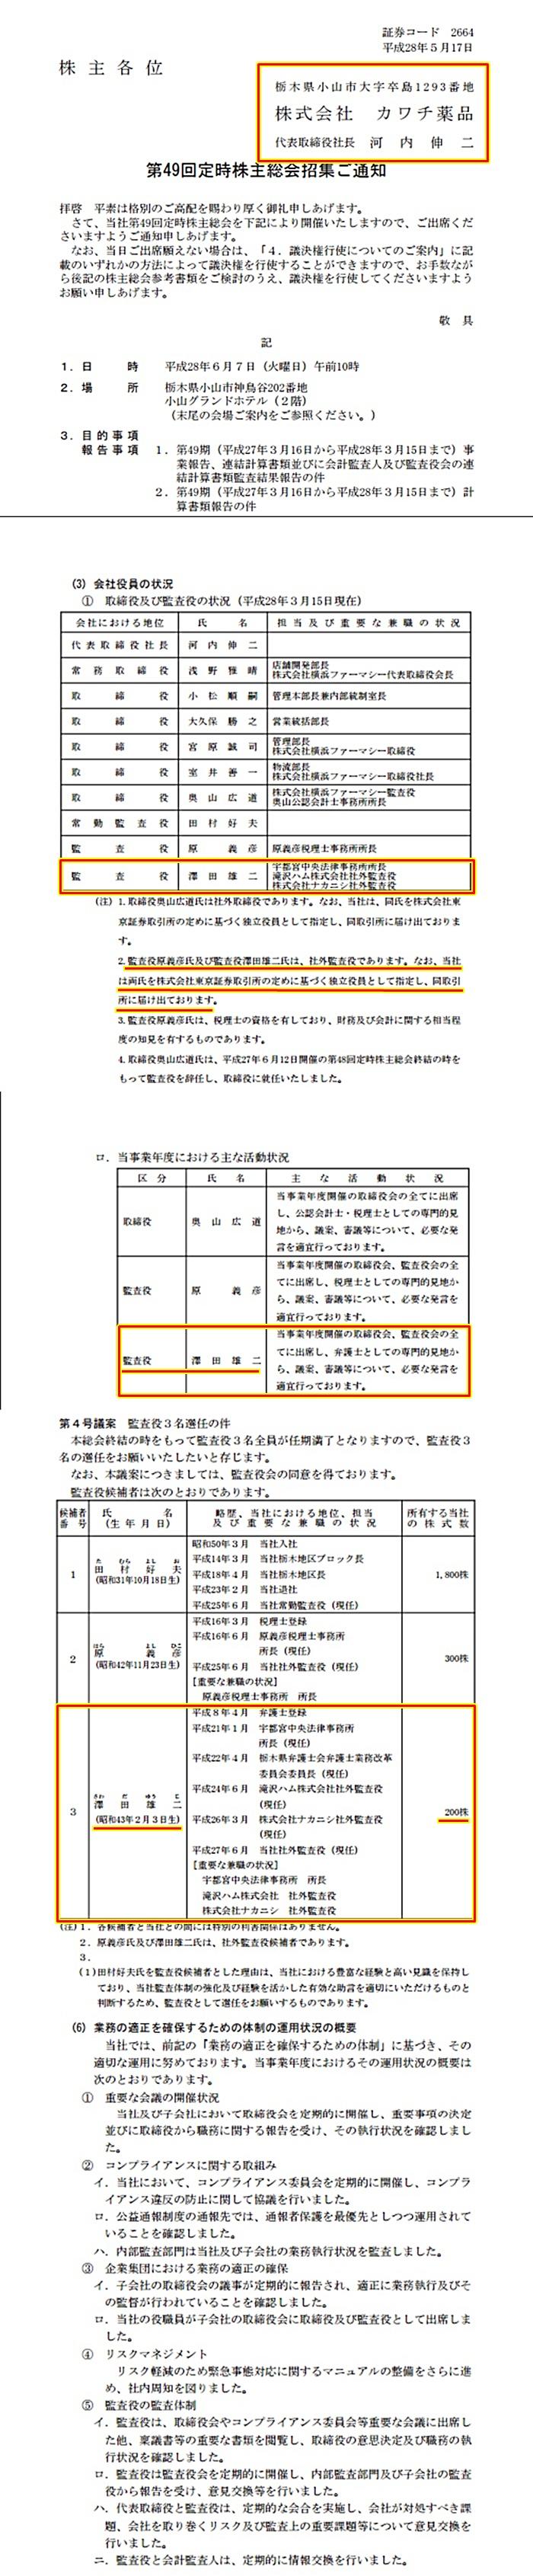 カワチ薬品 澤田雄二懲戒処分弁護士 監査役